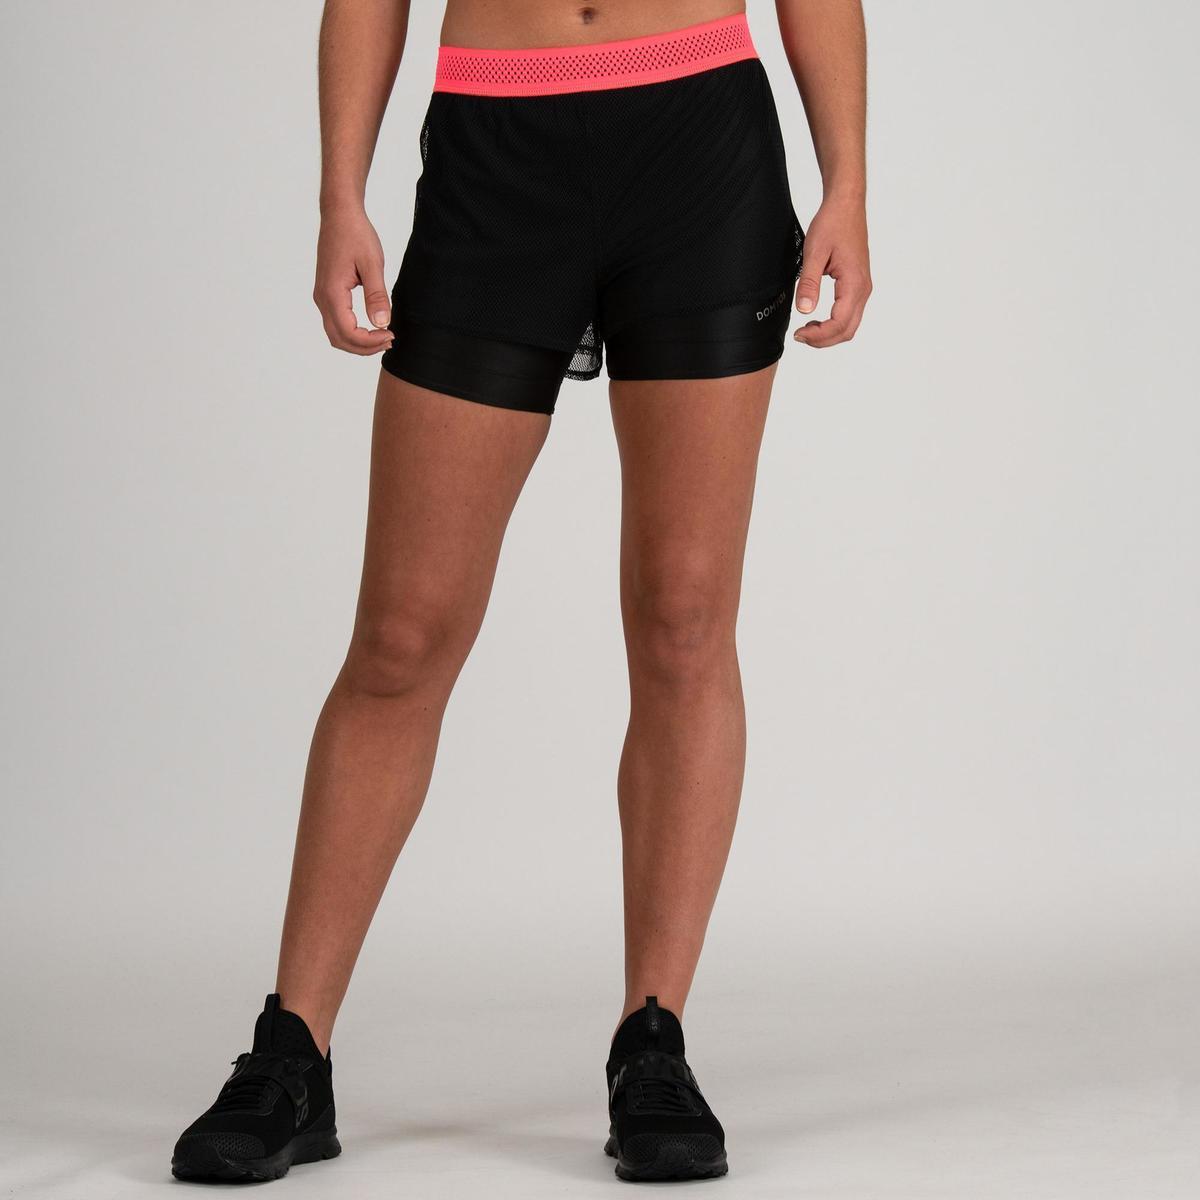 Bild 2 von Sporthose kurz FST 520 Fitness/Ausdauertraining Damen schwarz